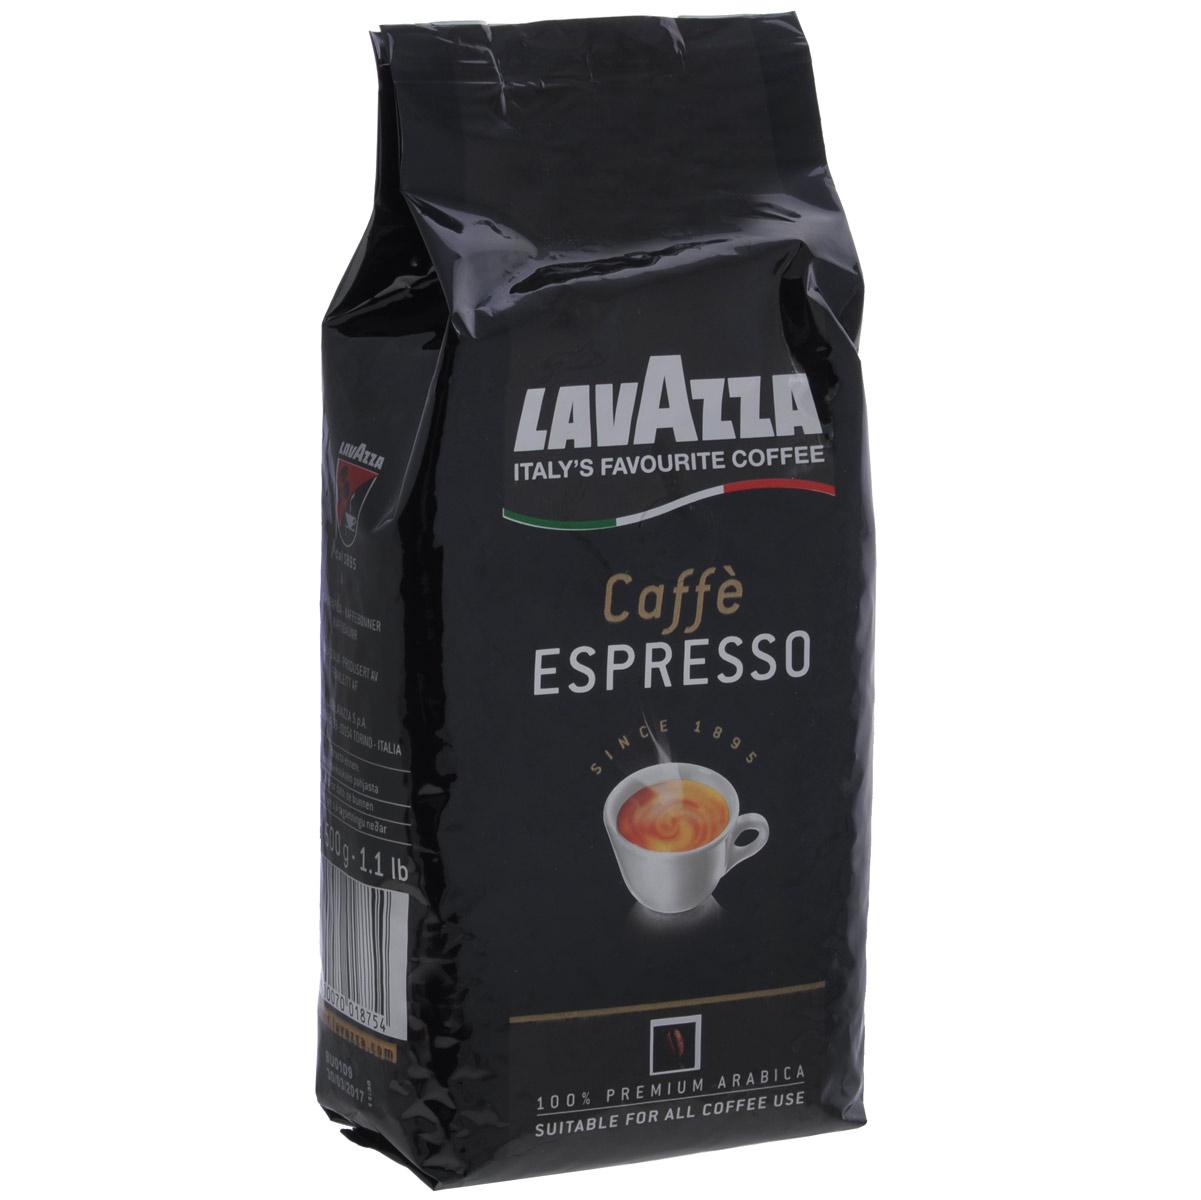 Lavazza Caffe Espresso кофе в зернах, 500 г1875Любите крепкий,насыщенный кофе? Присмотритесь к отличному купажу Lavazza Caffe Espresso изготовлен из стопроцентной арабики высшего сорта, завезенной из Центральной Америки и Африки, которые придают этому кофе незабываемый вкус и тонкий аромат. Lavazza Espresso- для истинных любителей и знатоков настоящего кофе!